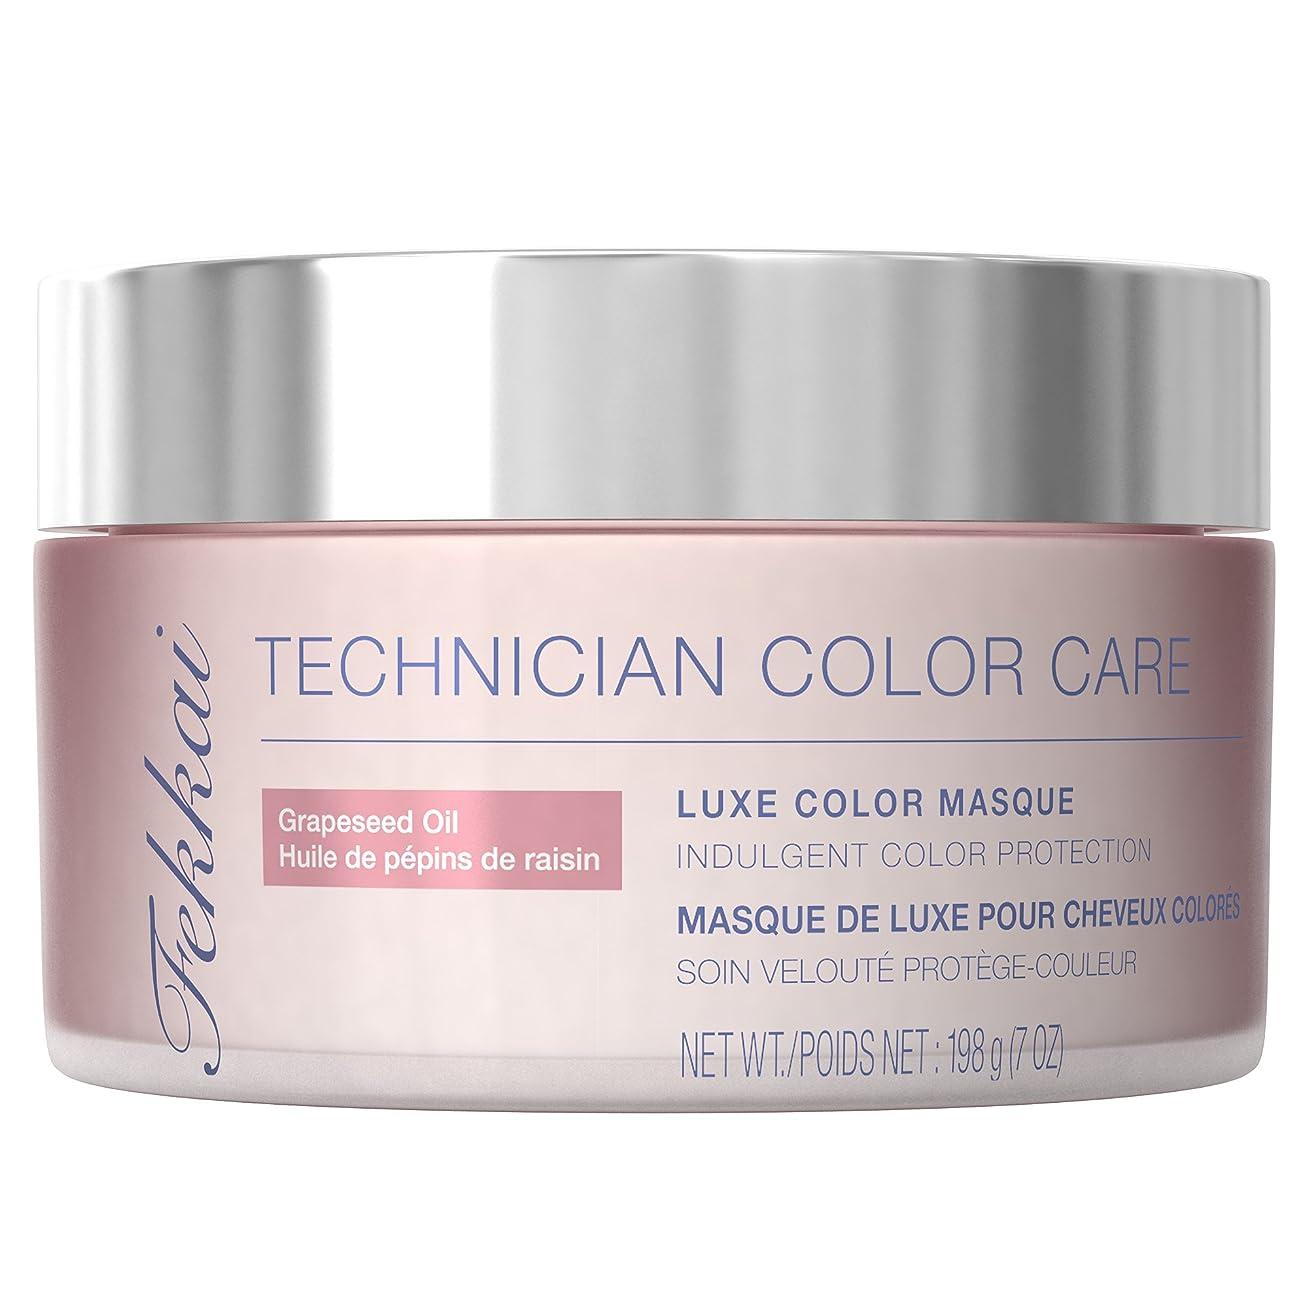 ファンタジーファイバライオンフレデリックフェッカイ Technician Color Care Luxe Color Masque (Indulgent Color Protection) 198g/7oz [海外直送品]